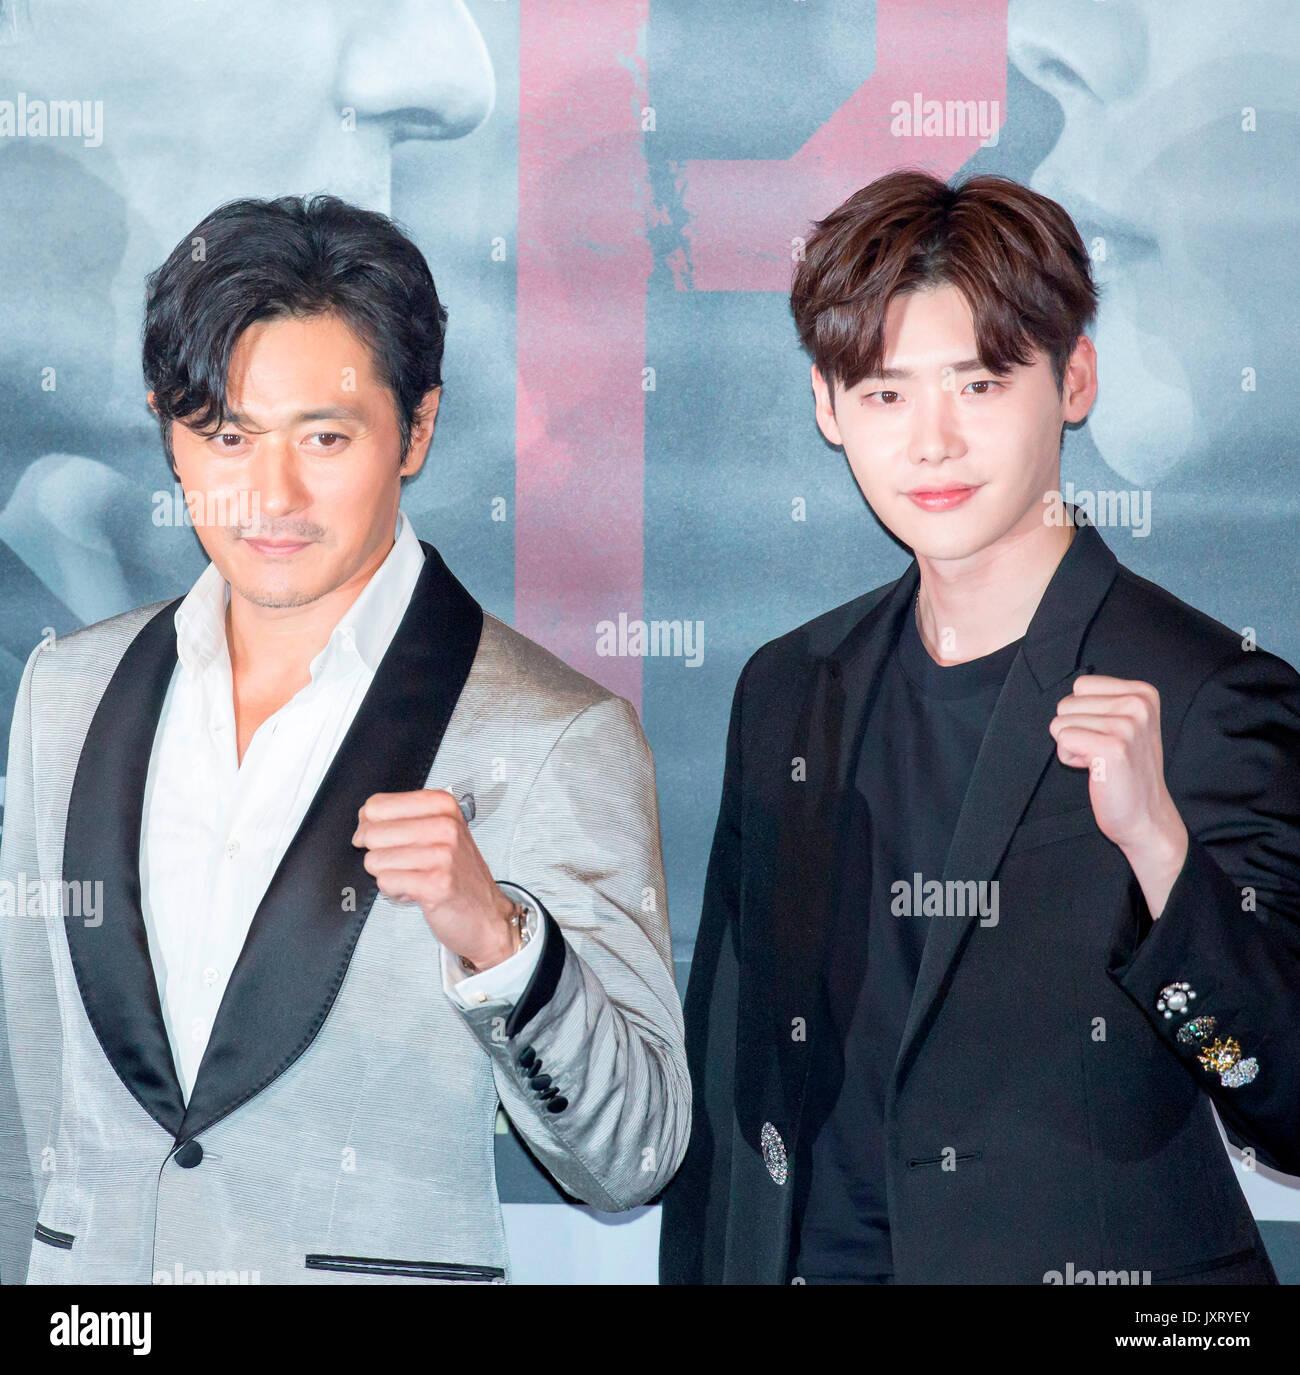 Jang Dong-gun and Lee Jong-suk, Aug 16, 2017 : South Korean